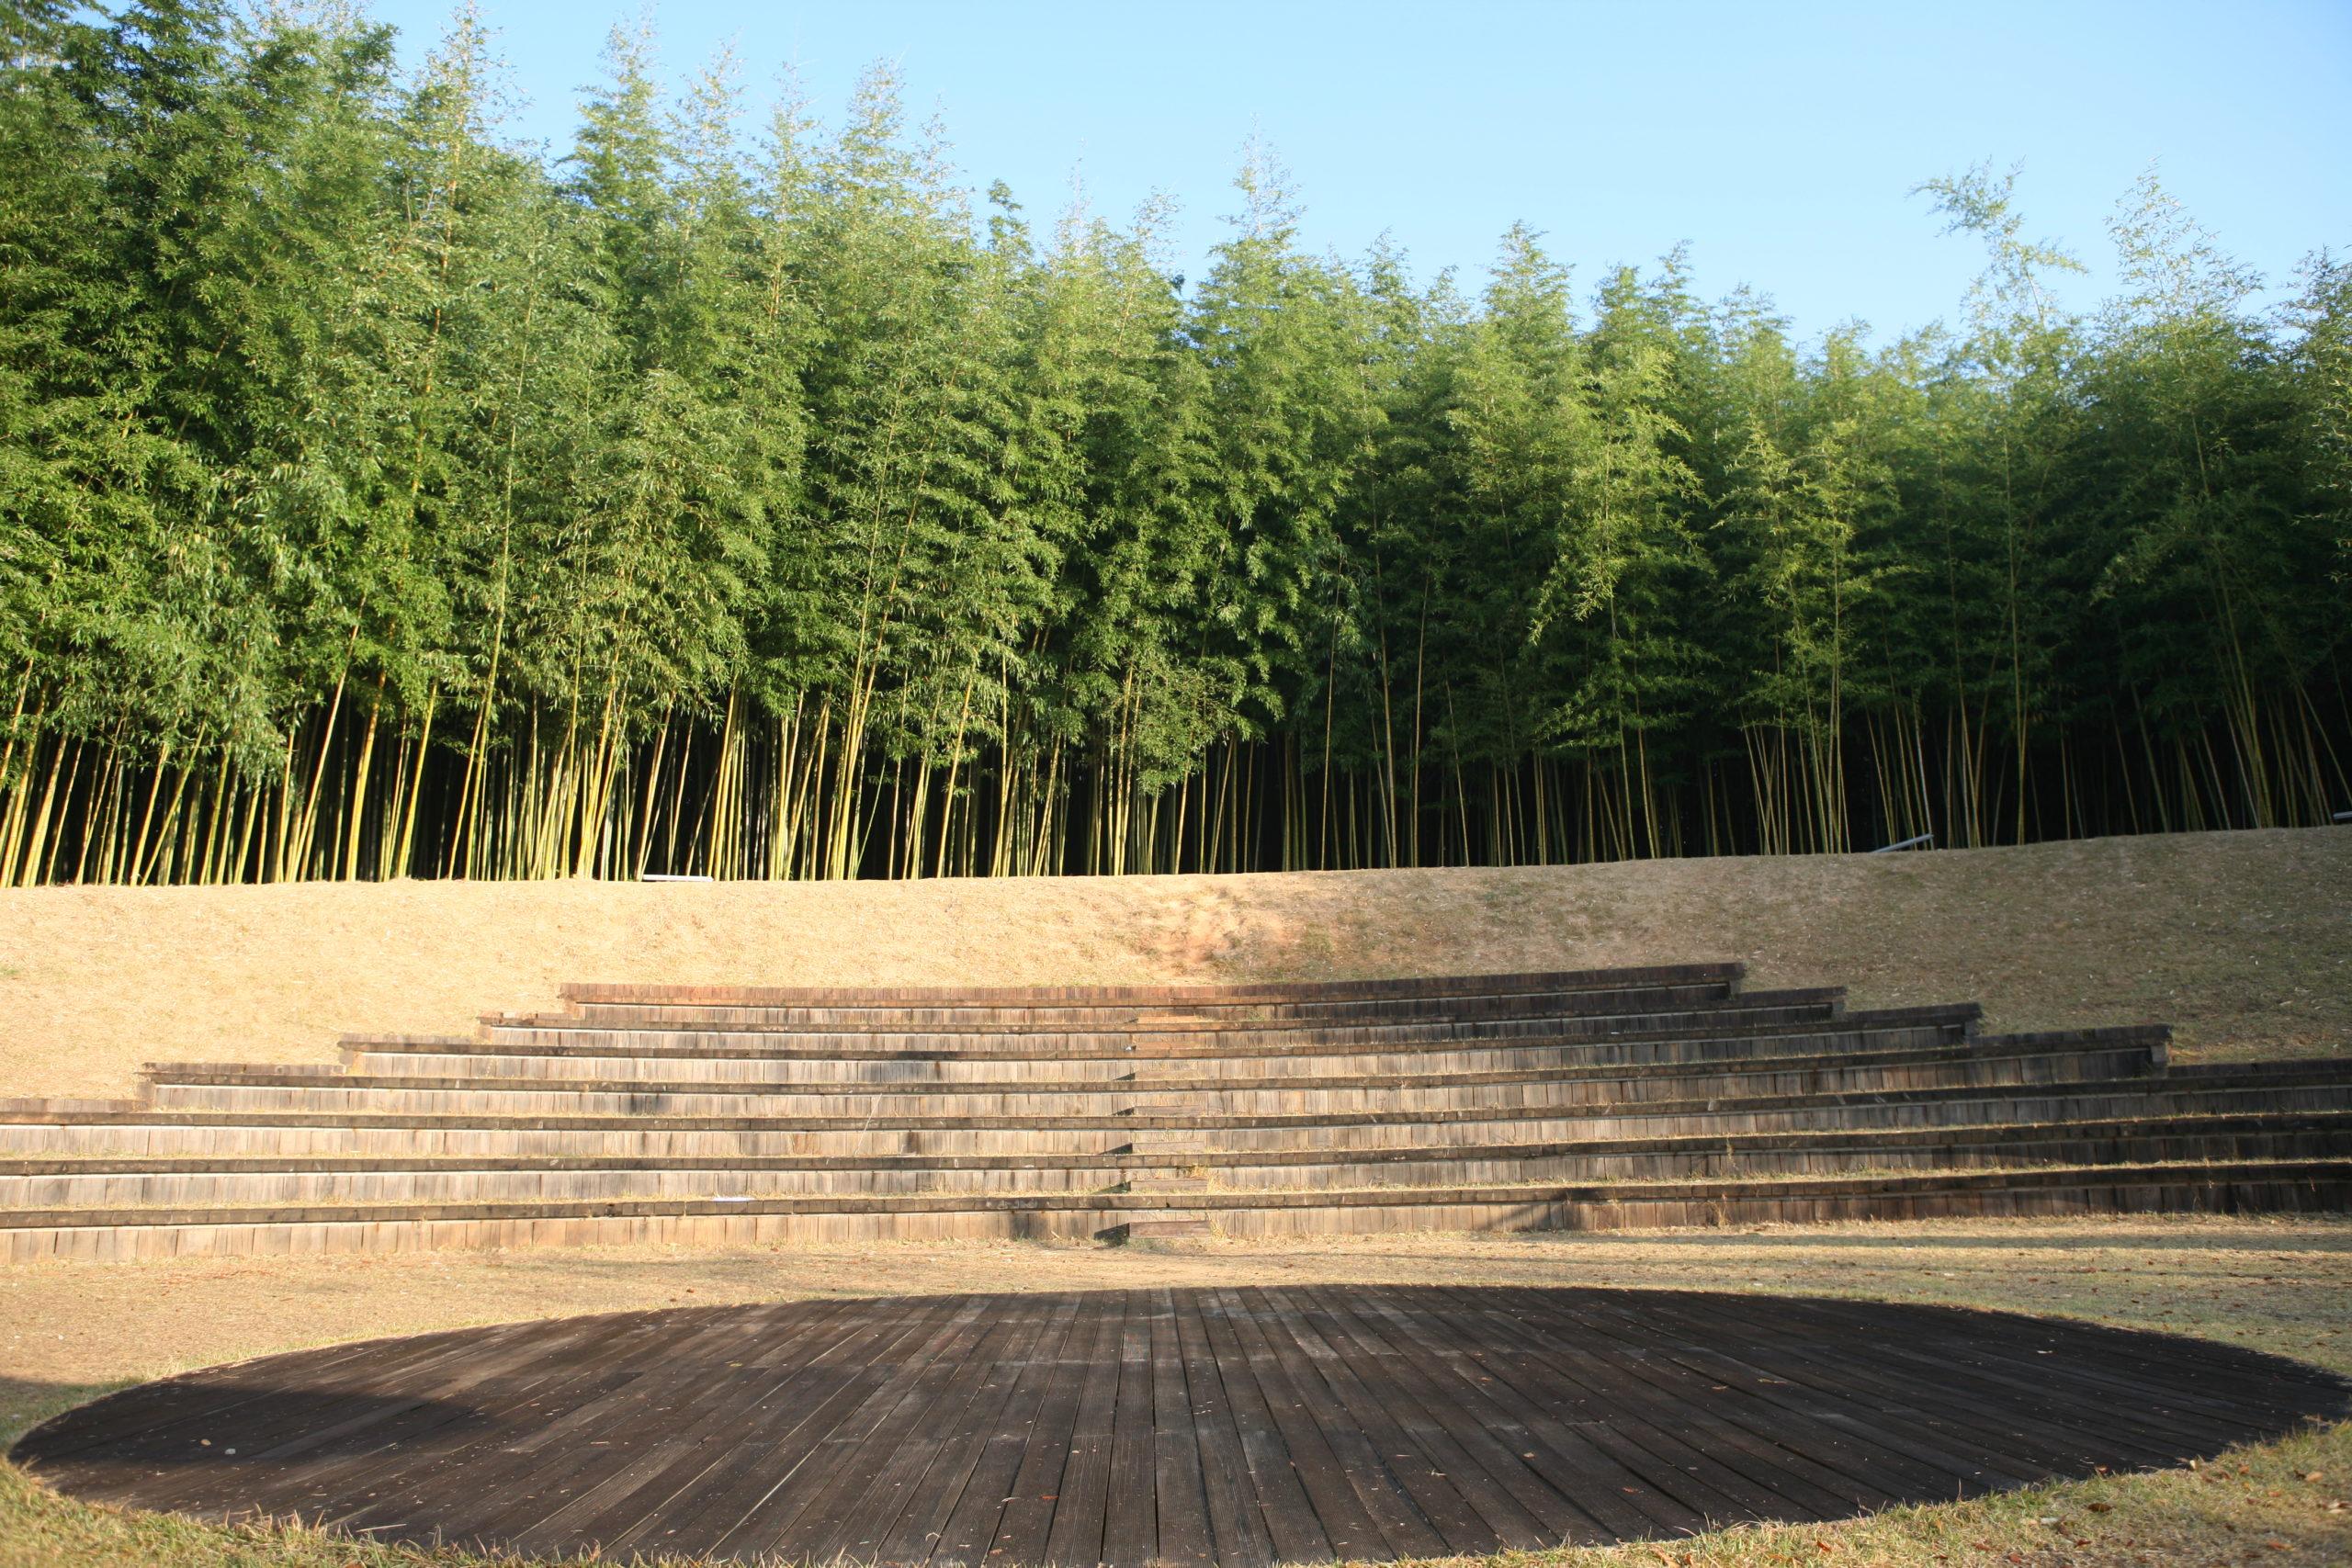 haie de bambous dans le jardin